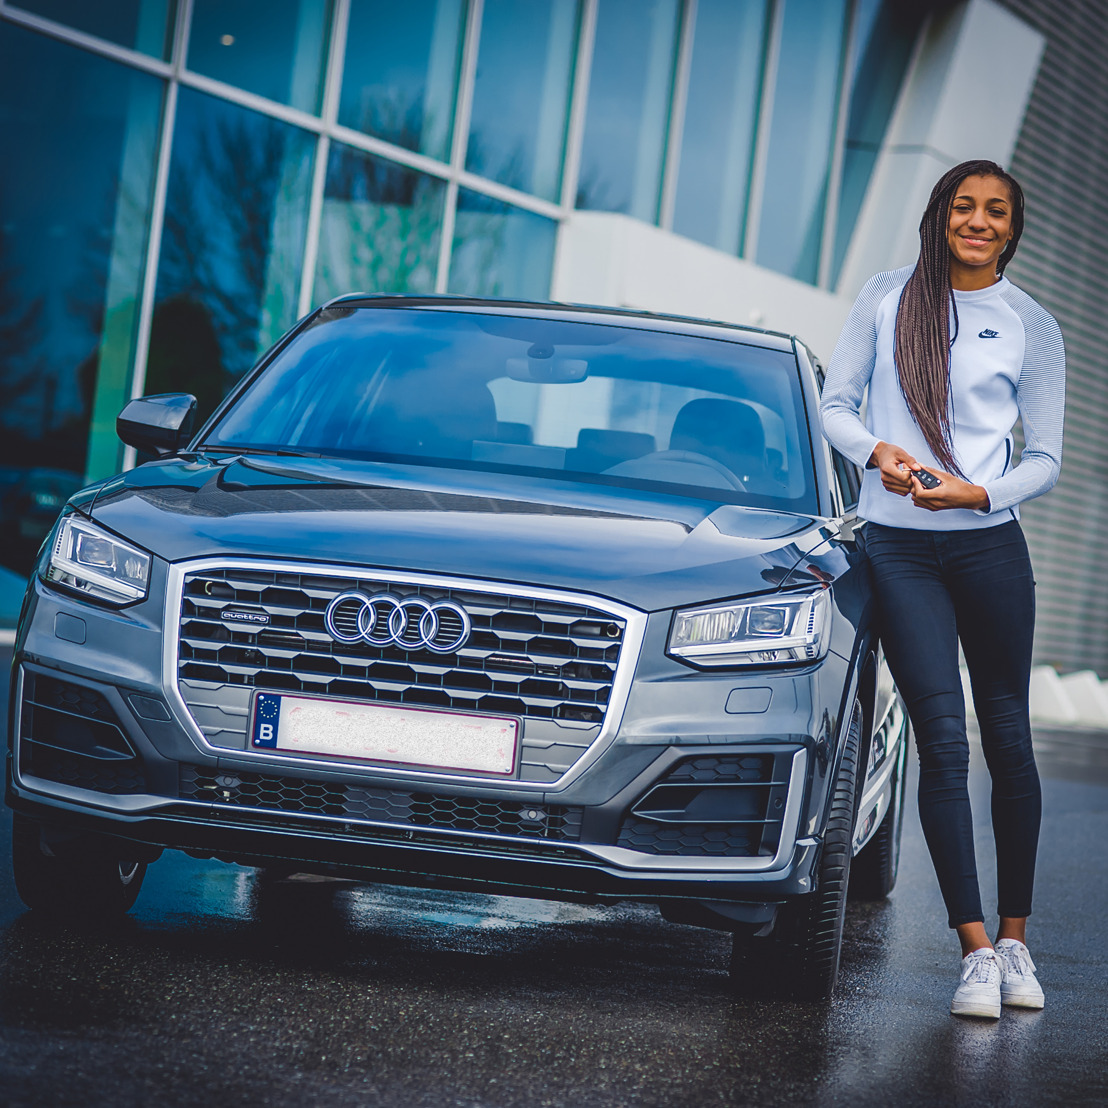 Audi poursuit son partenariat avec la championne d'heptathlon Nafissatou Thiam